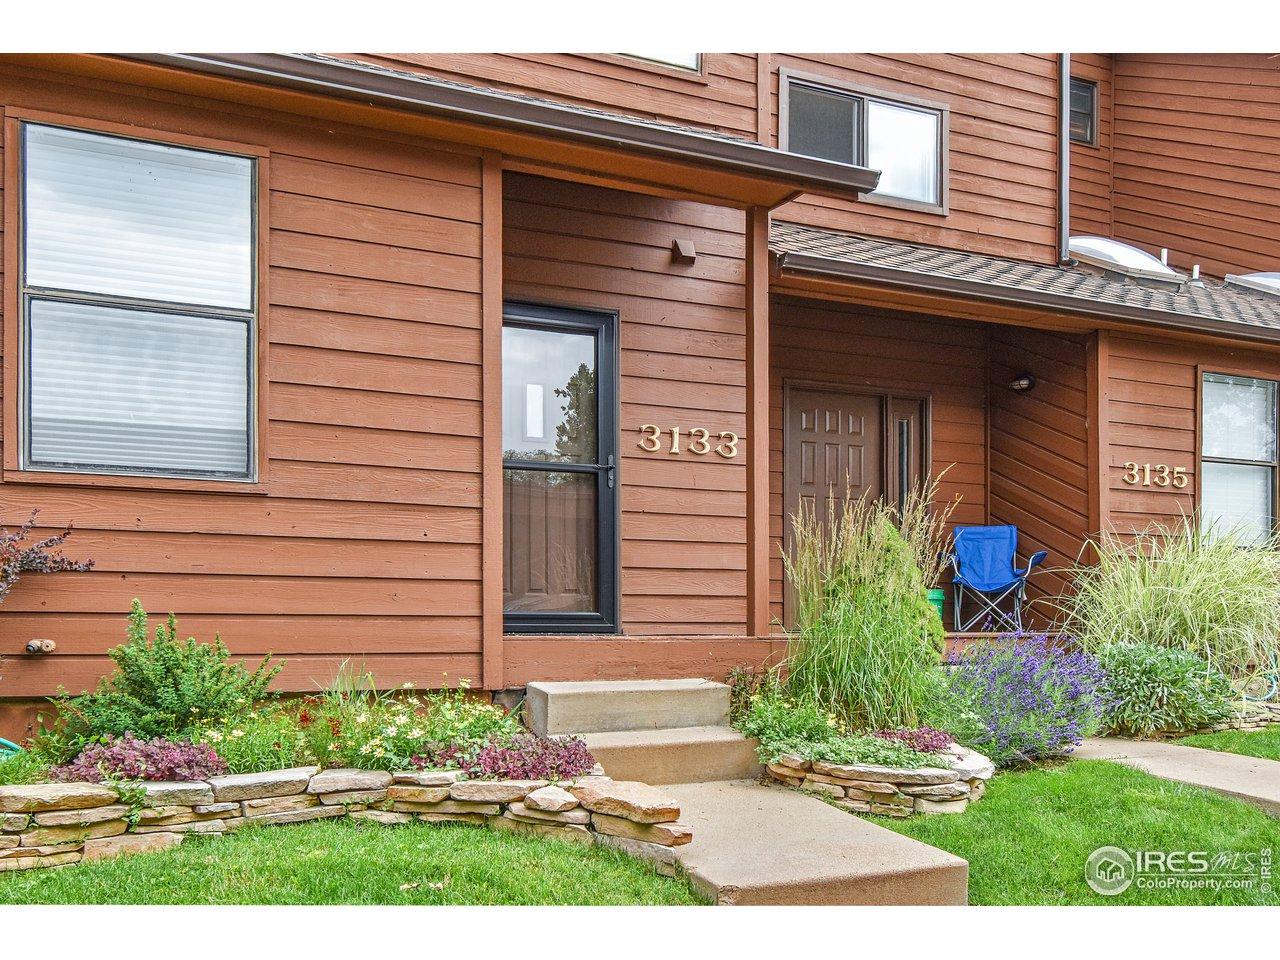 3133 Bell Dr, Boulder CO 80301